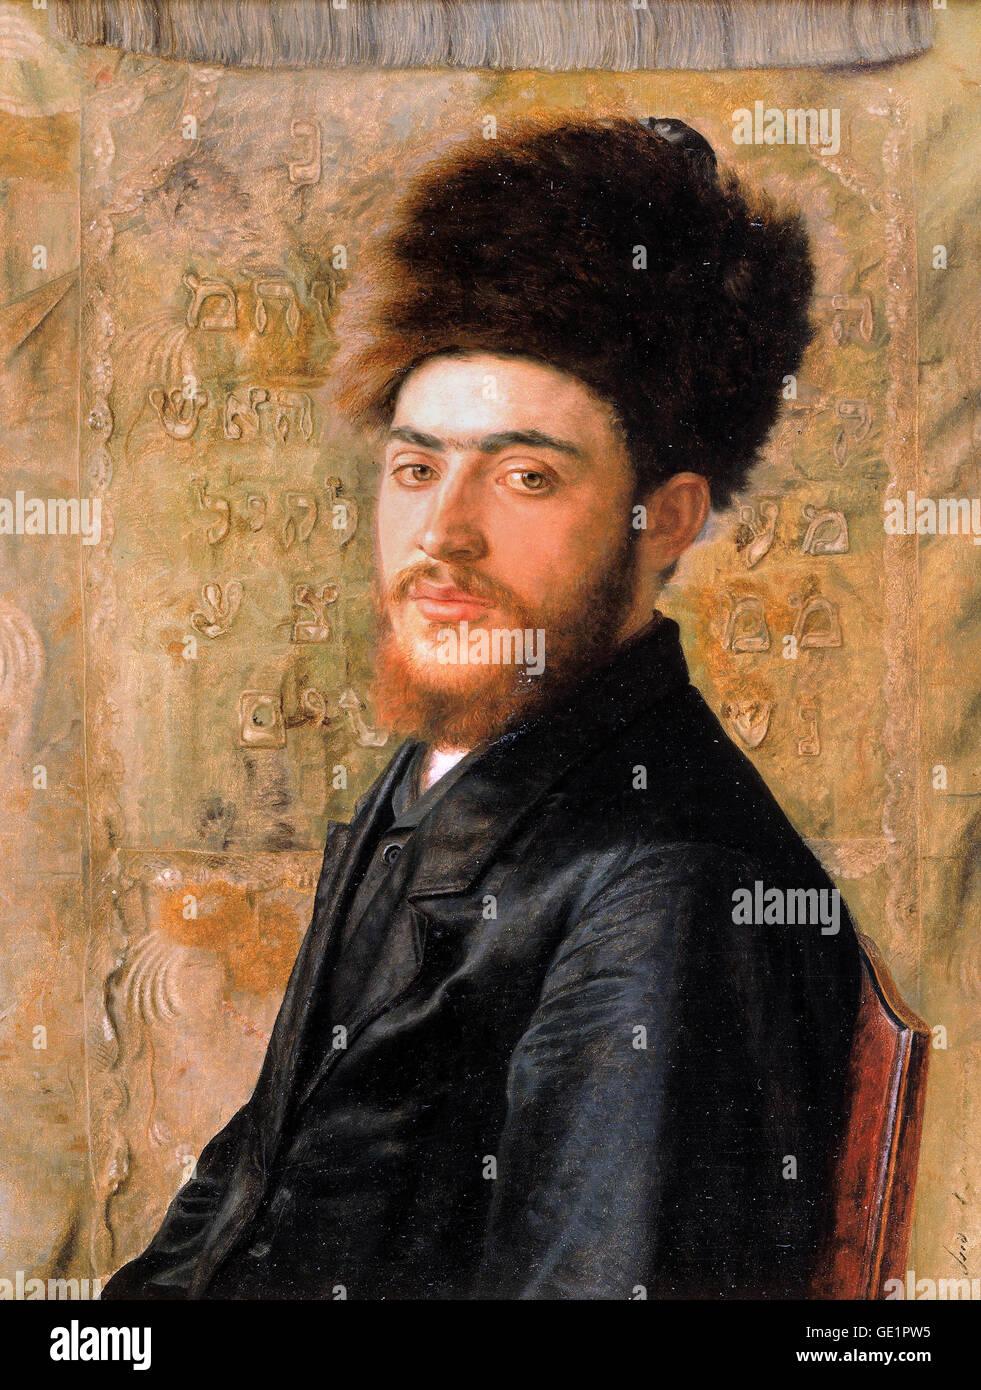 Isidor Kaufmann, el hombre con el sombrero de piel. Circa 1910. Aceite en el panel. El Museo Judío, la ciudad Imagen De Stock